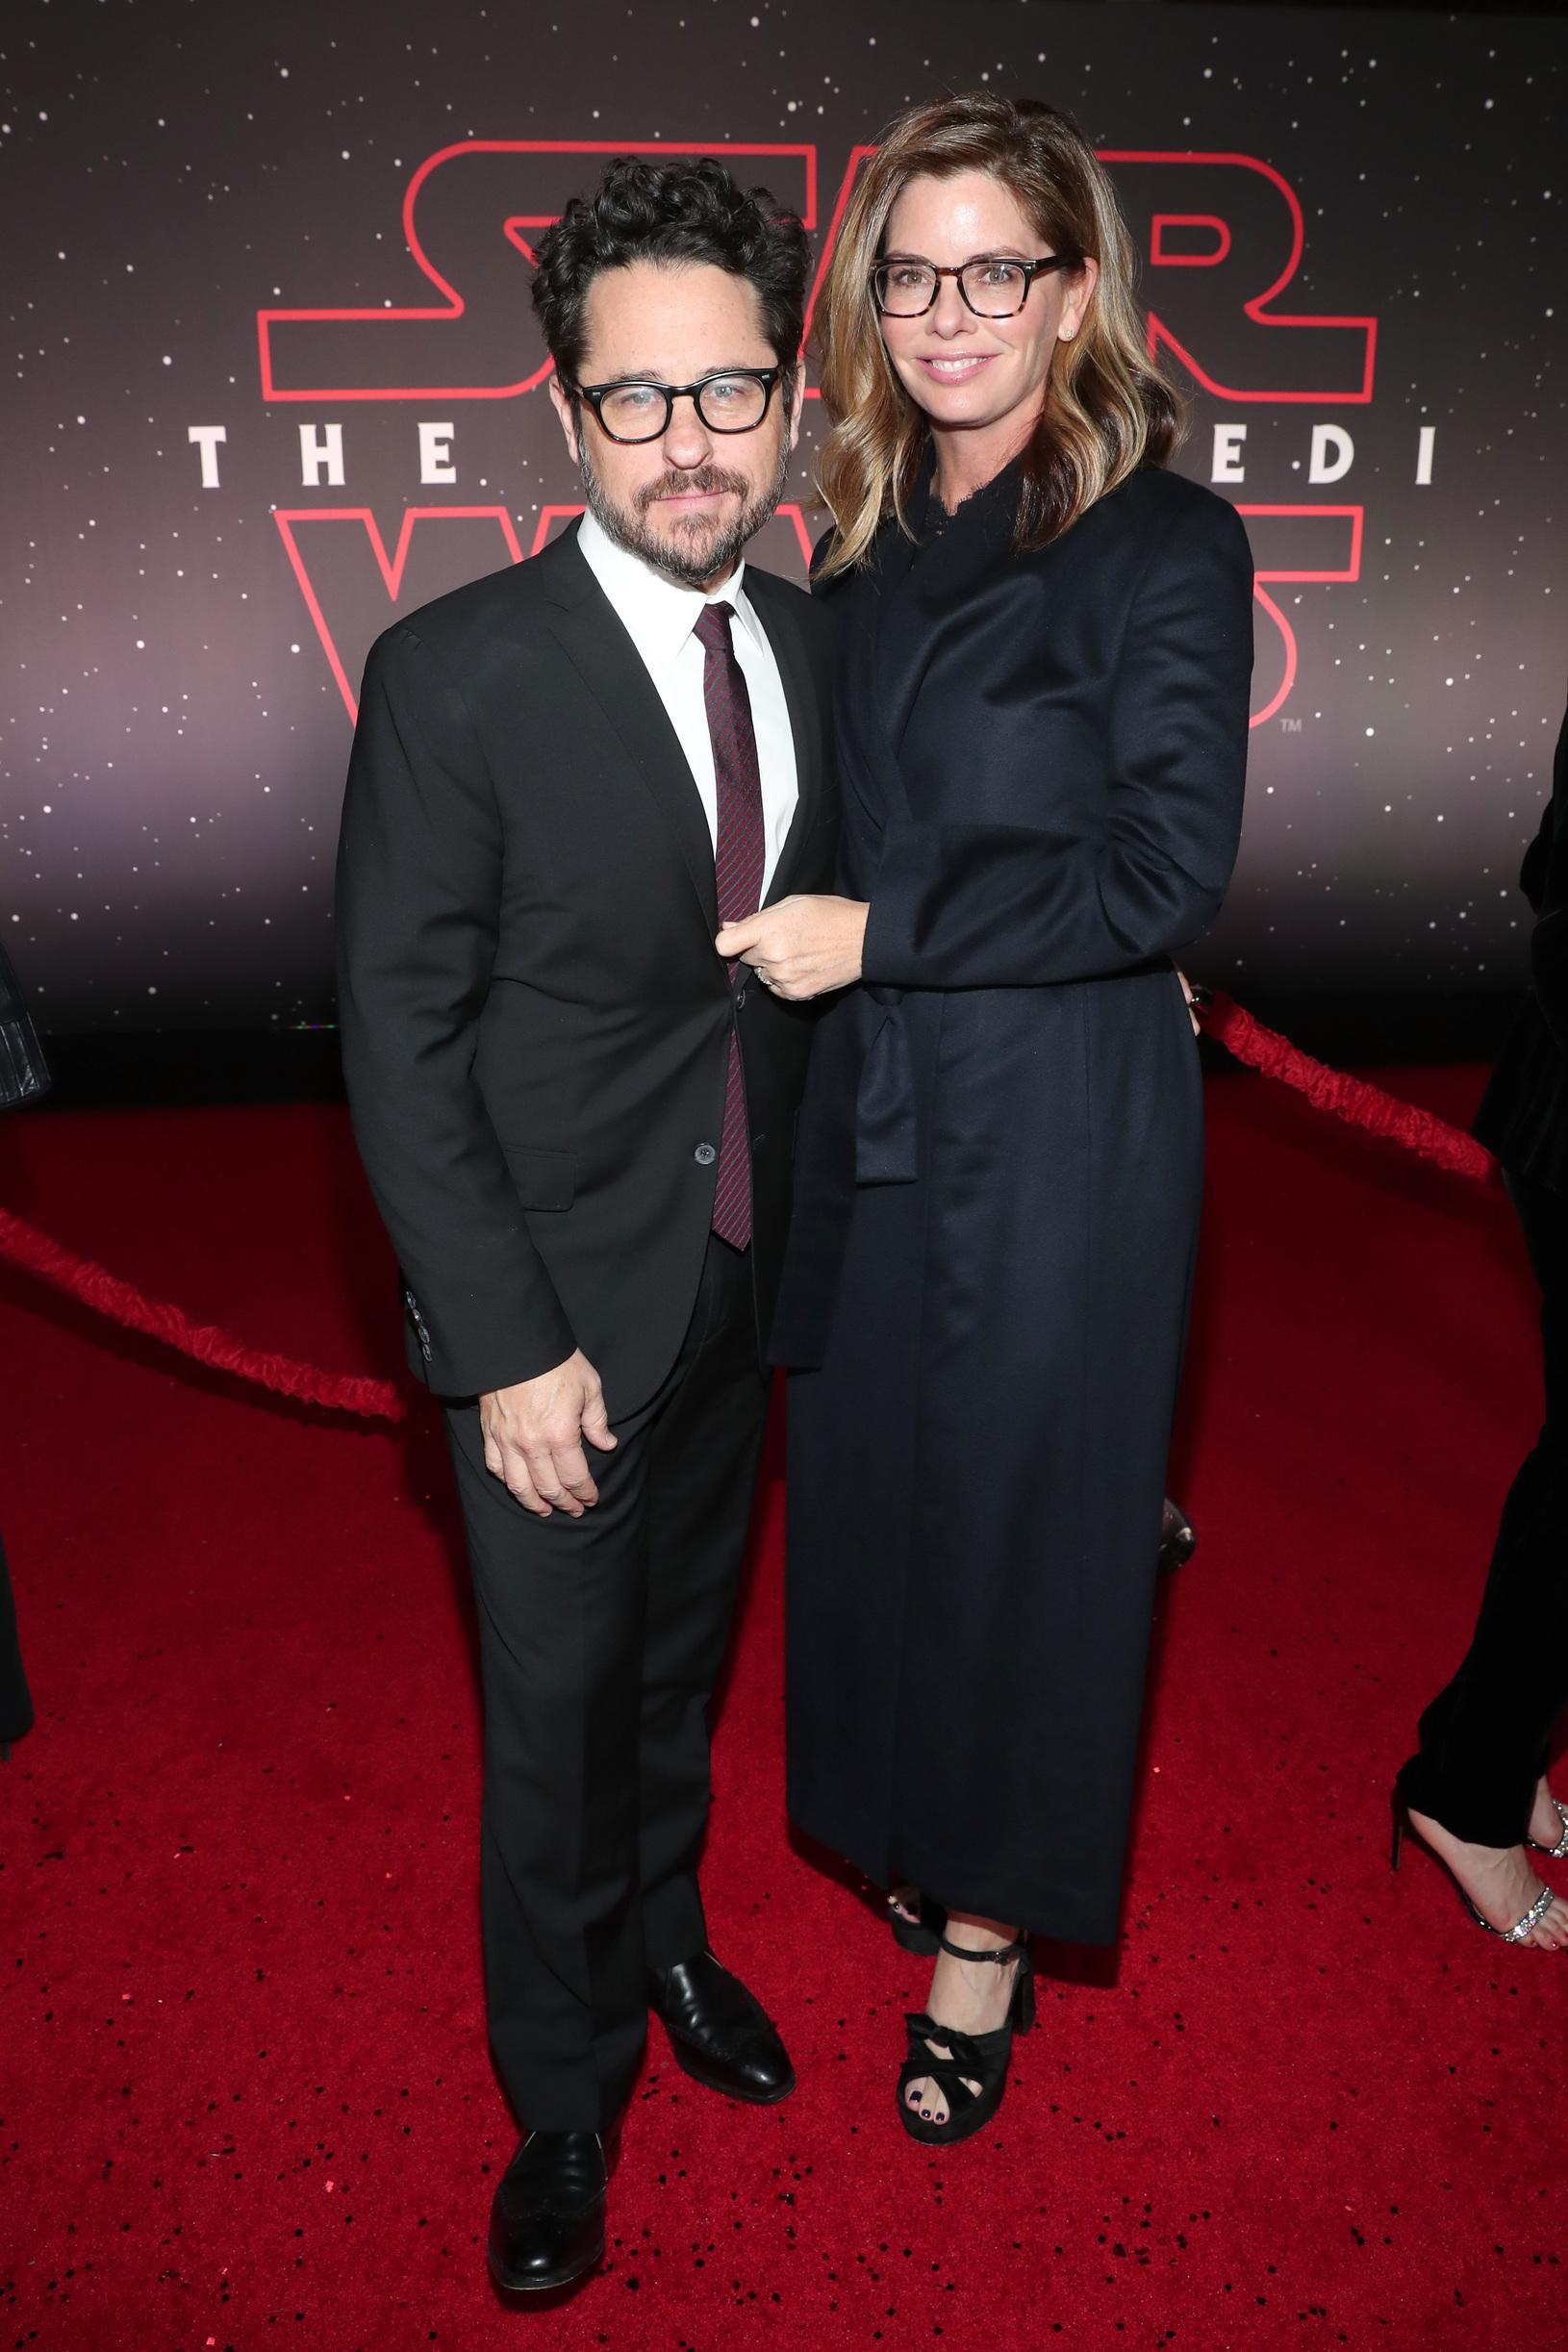 J.J. Abrams és Katie McGrath executive producerek